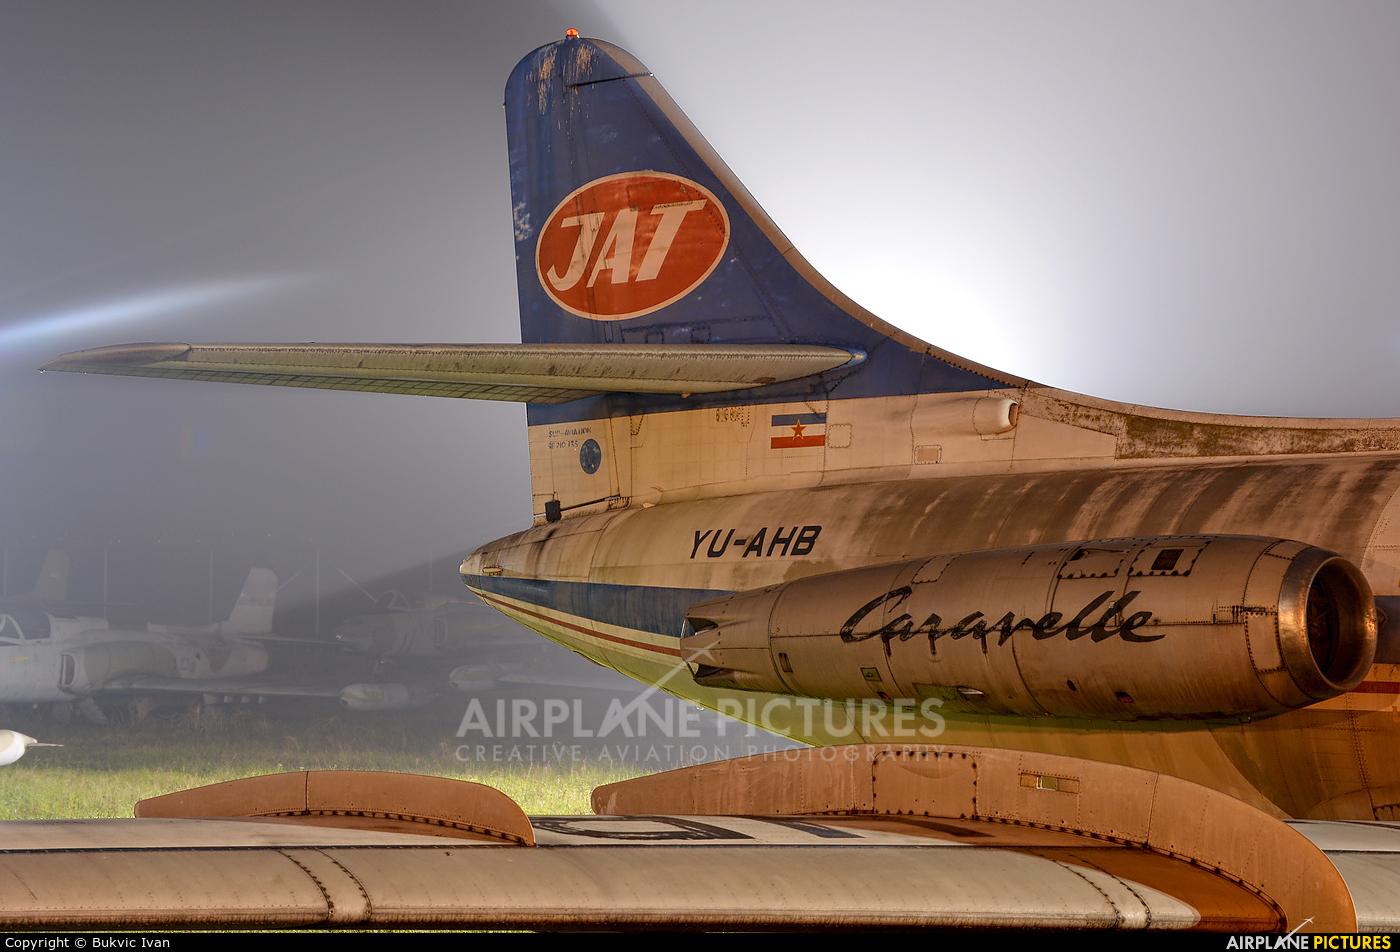 JAT - Yugoslav Airlines YU-AHB aircraft at Belgrade - Nikola Tesla Intl